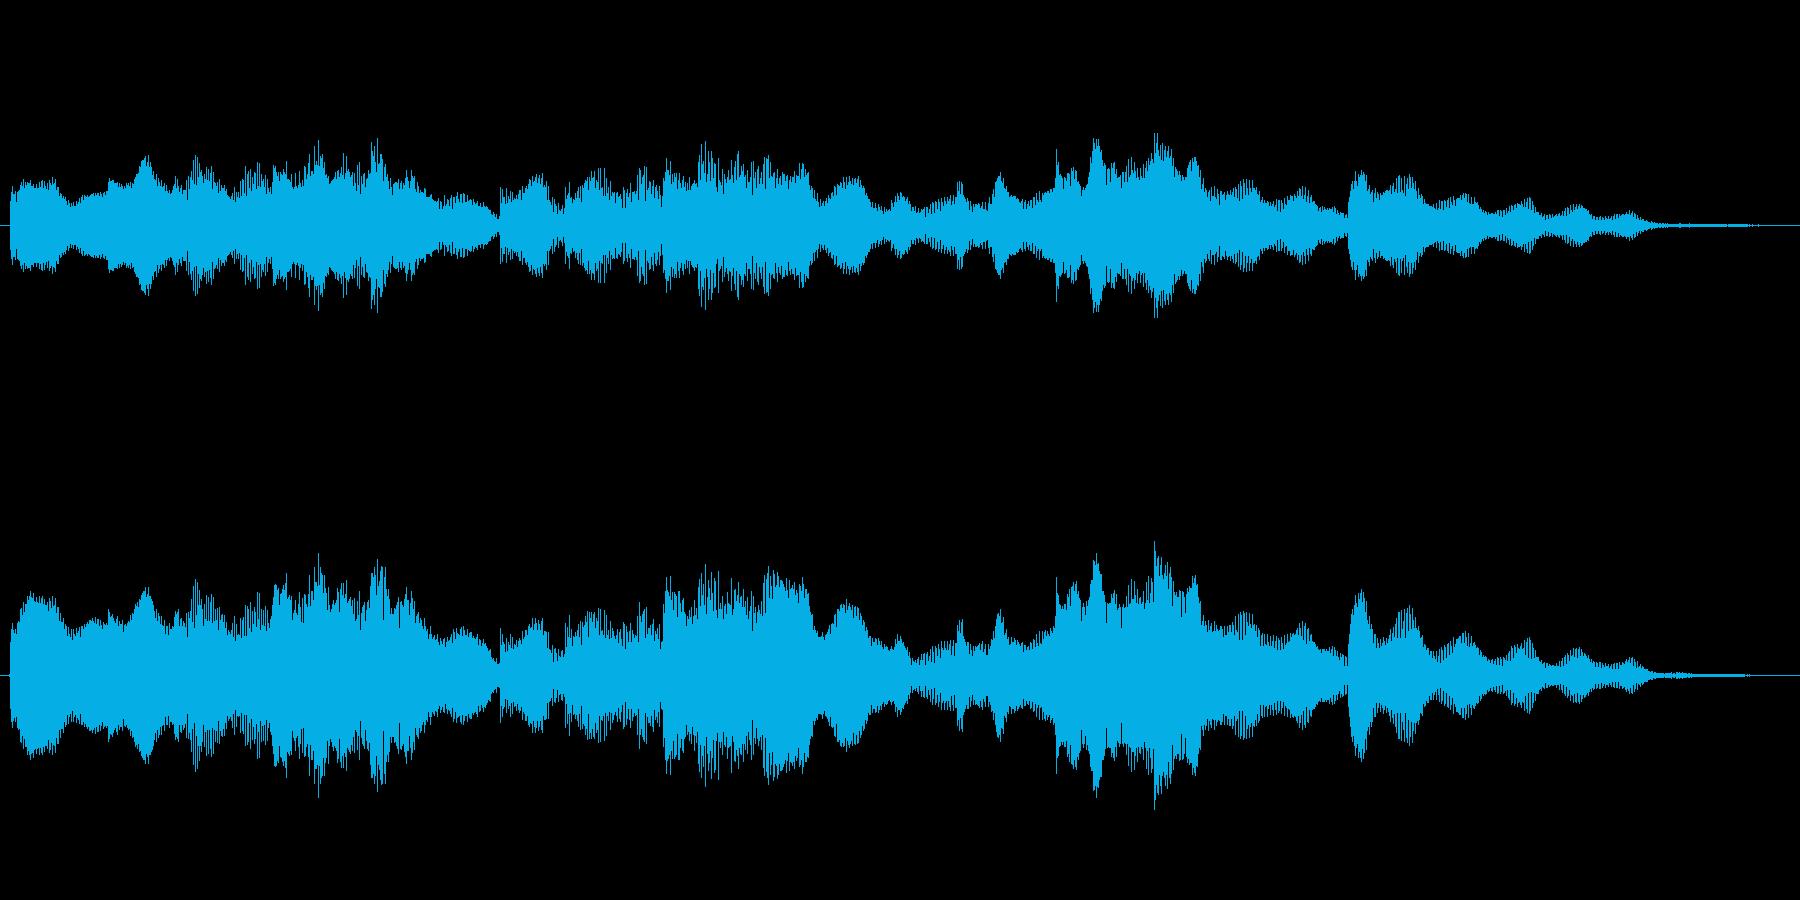 キュートな9秒サウンドロゴ・ジングルにの再生済みの波形